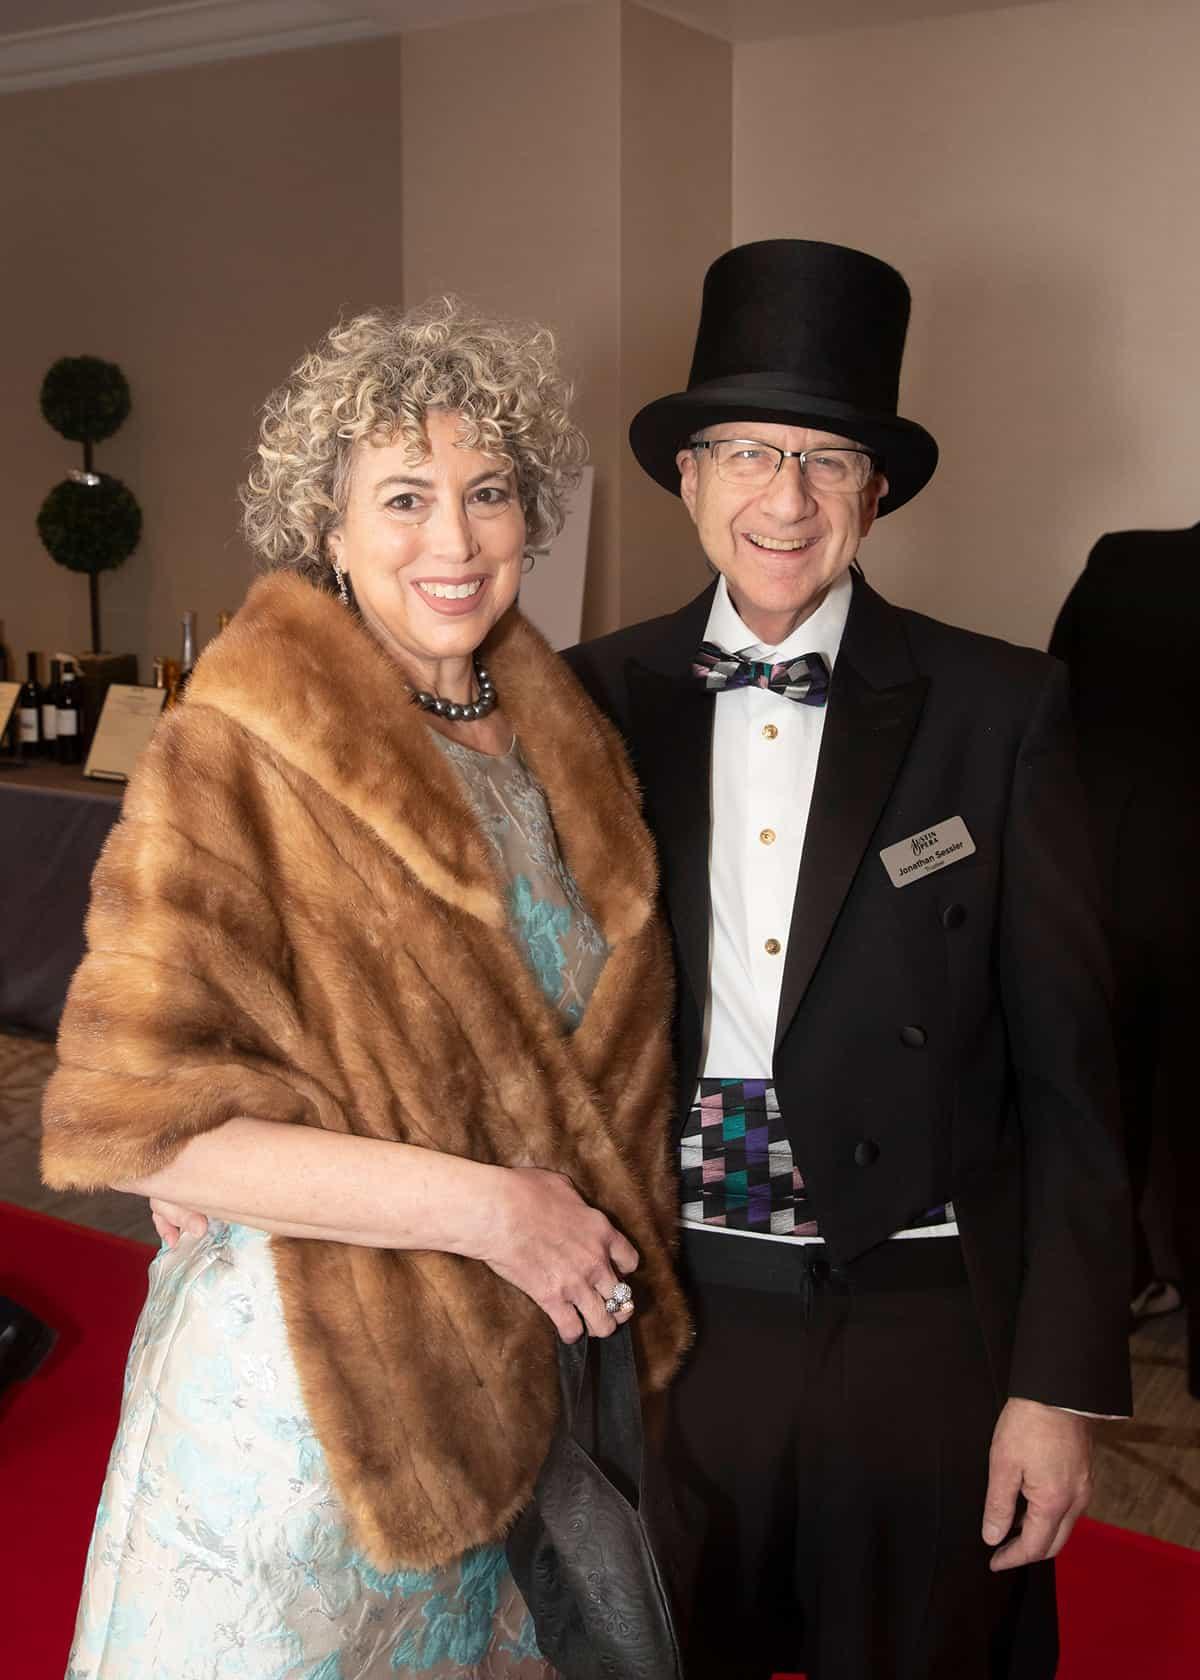 Kara Salmanson and Jonathan Sessler